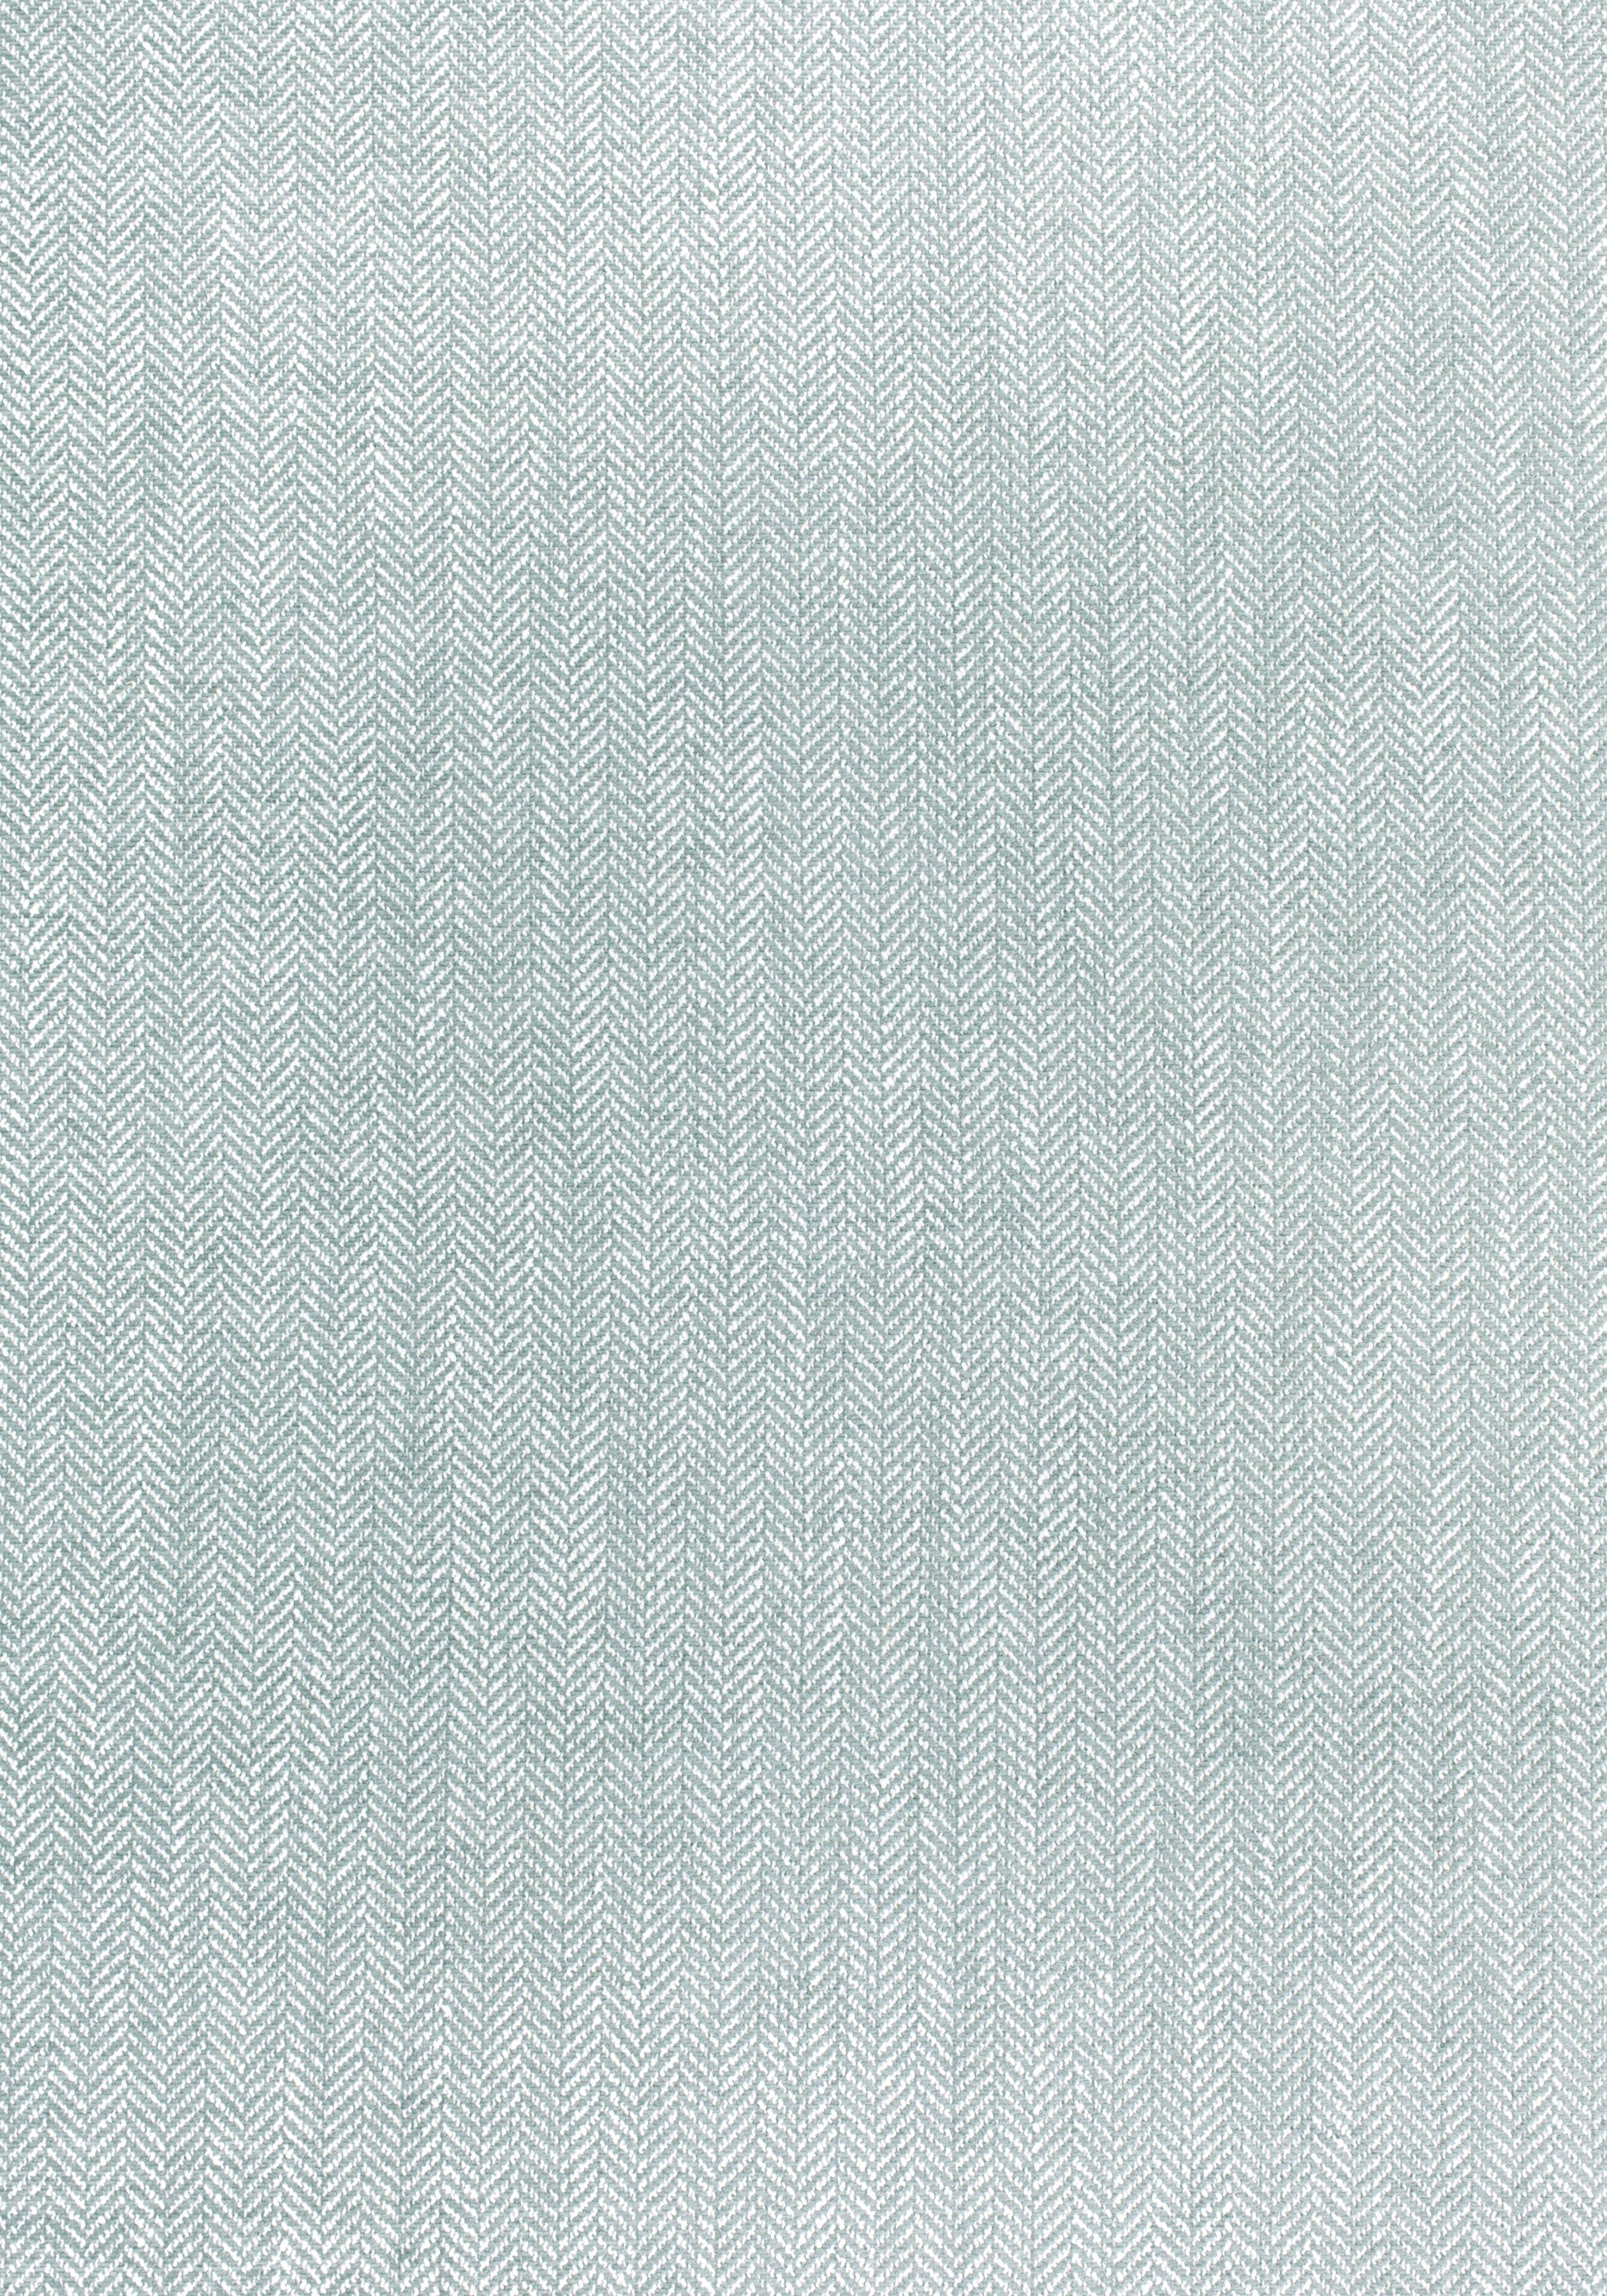 Montebello Herringbone Sea Glass W724132 Collection